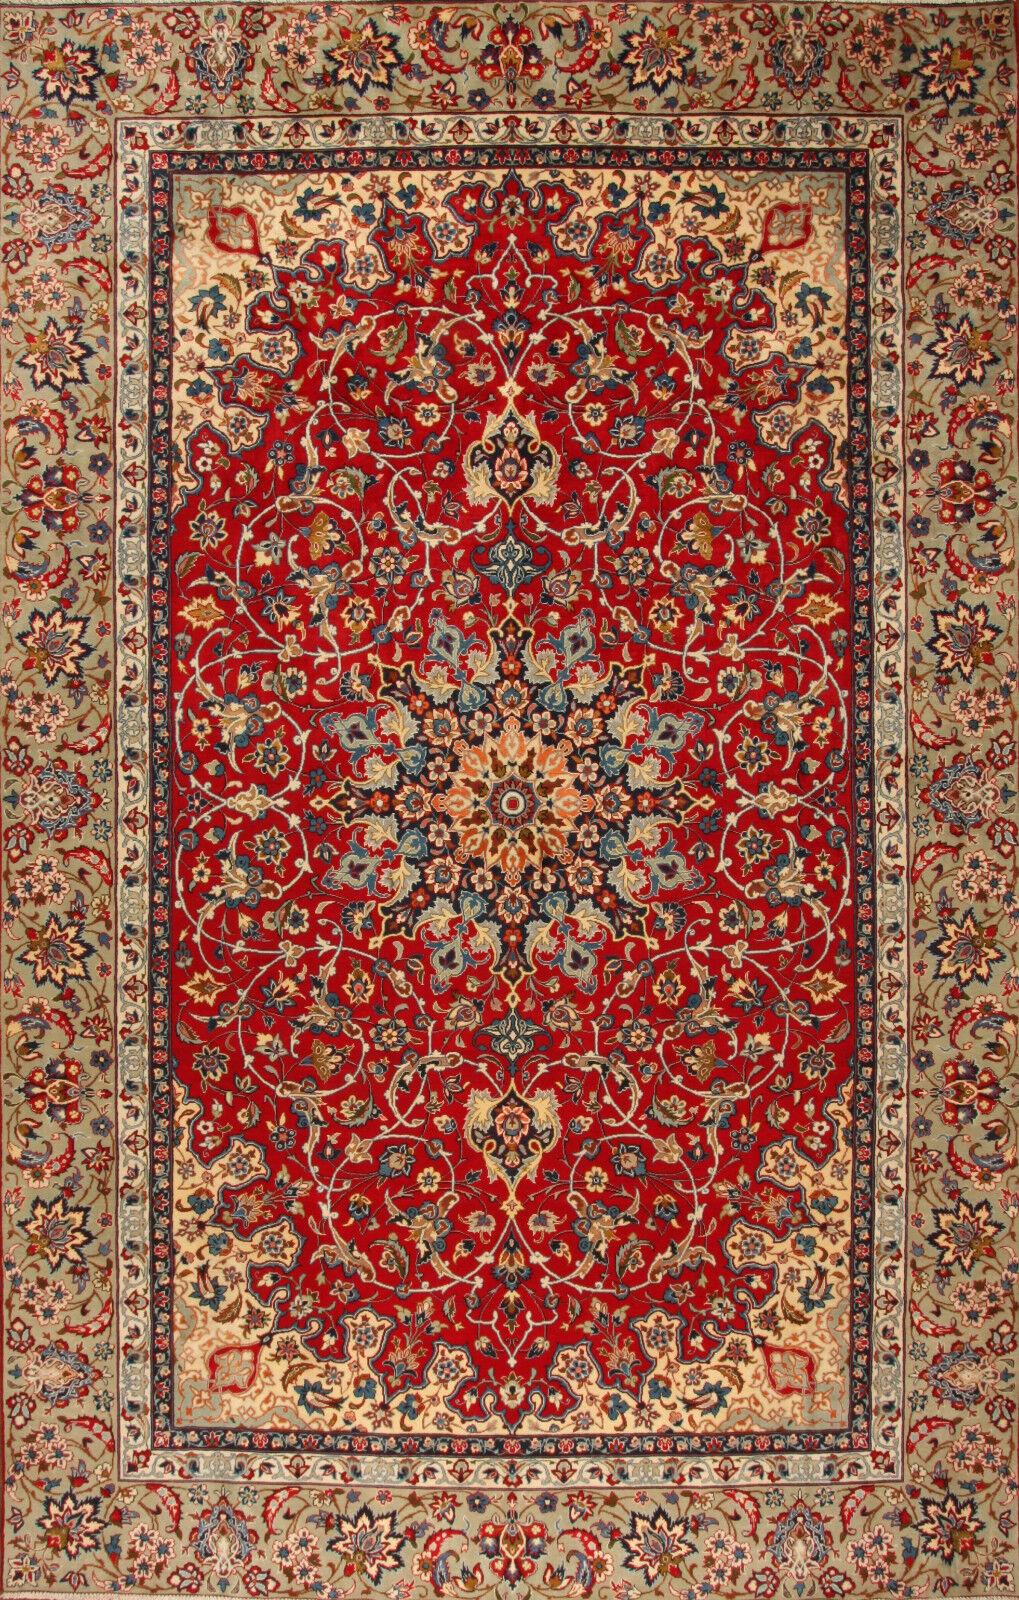 Alfombras orientales Auténticas hechas a mano persas nr. 4439 (390 X 250) cm